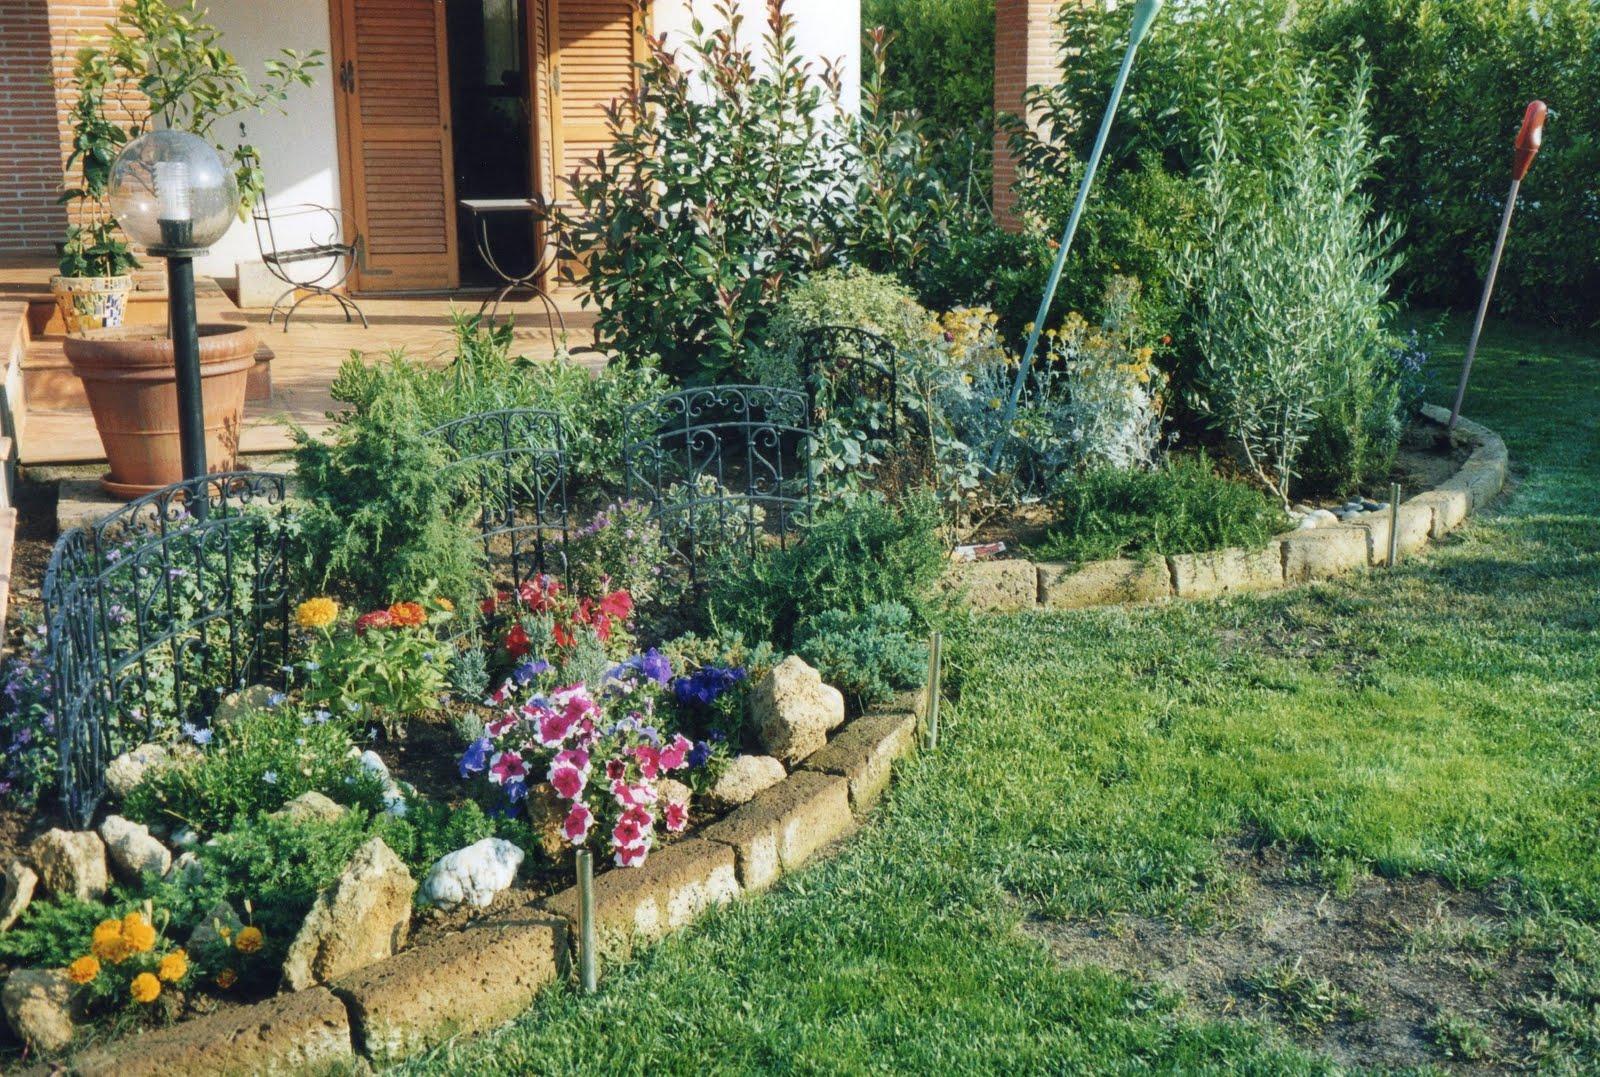 I giardini di carlo e letizia il giardino di riccardo for Per il giardino